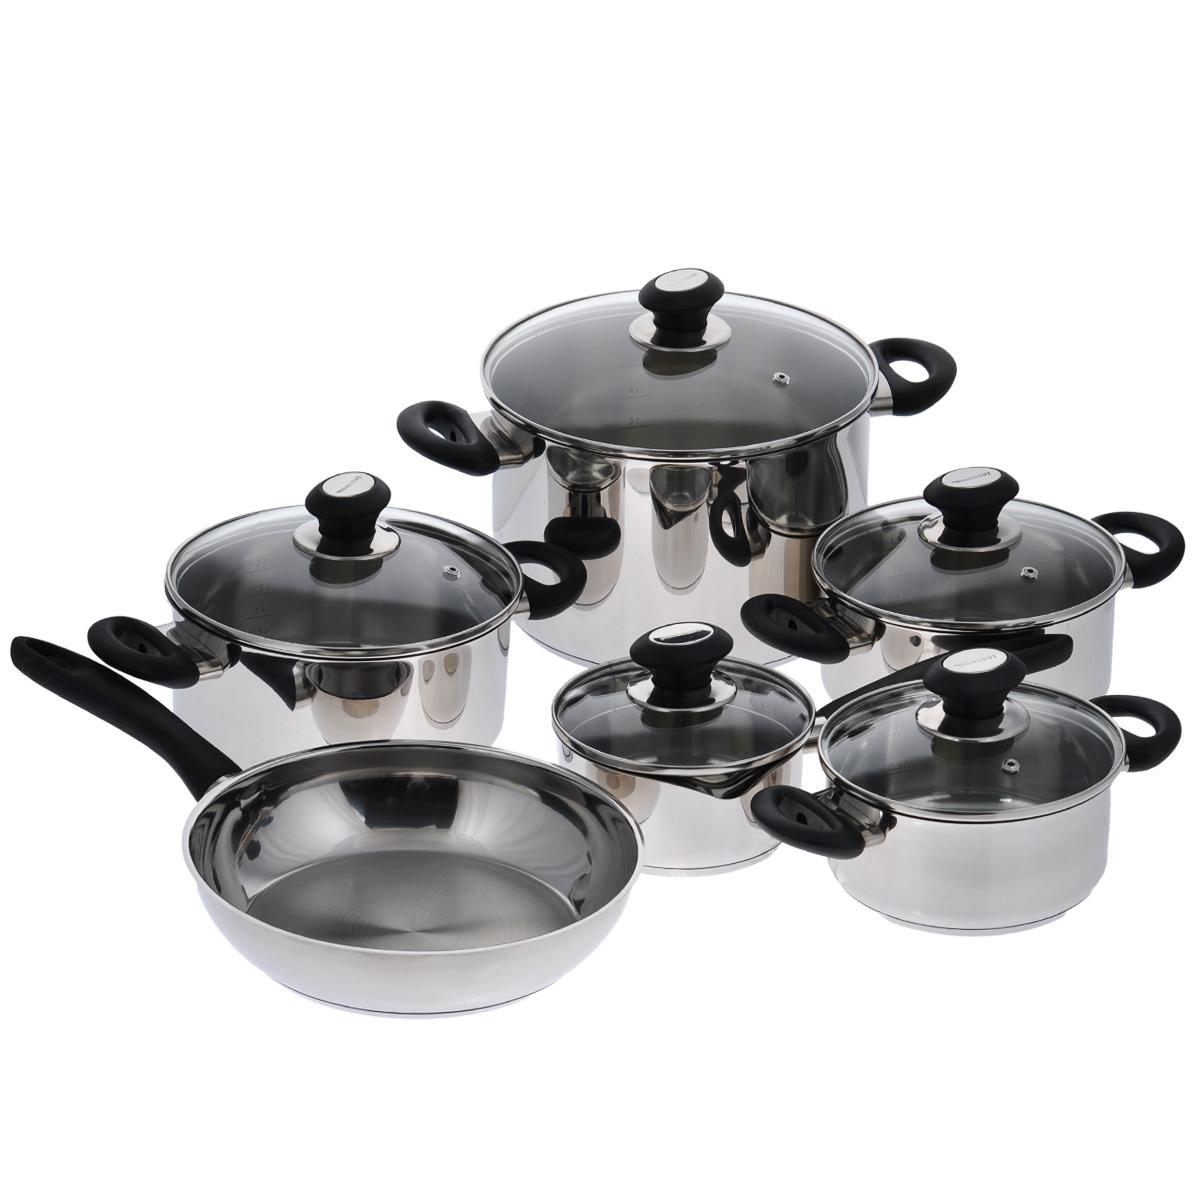 Набор посуды Tescoma Presto, 11 предметов716511Набор посуды Tescoma Presto состоит из 4 кастрюль с крышками, ковша с крышкой и сковороды. Изделия выполнены из первоклассной нержавеющей стали с зеркальной полировкой. Массивная конструкция посуды и идеальная обработка соответствуют самым высоким требованиям, предъявляемым к здоровому, удобному и экономному приготовлению. Изделия снабжены экстра толстым многослойным дном. Тепло с плиты передается вовнутрь посуды постепенно, без скачков и равномерно по целой площади дна - температура внутри посуды не меняется. Это упрощает варку и запекание, можно готовить с ограниченным количеством жира и без пригорания. Многослойное дно обладает замечательными термоаккумуляционными свойствами, которые помогают экономить энергию. Плиту и духовку можно выключить заранее перед окончанием приготовления, которое проходит и при низкой мощности плиты. Блюда, оставленные в посуде, дольше сохраняют свою температуру. Изделия снабжены эргономичными ручками из прочной...